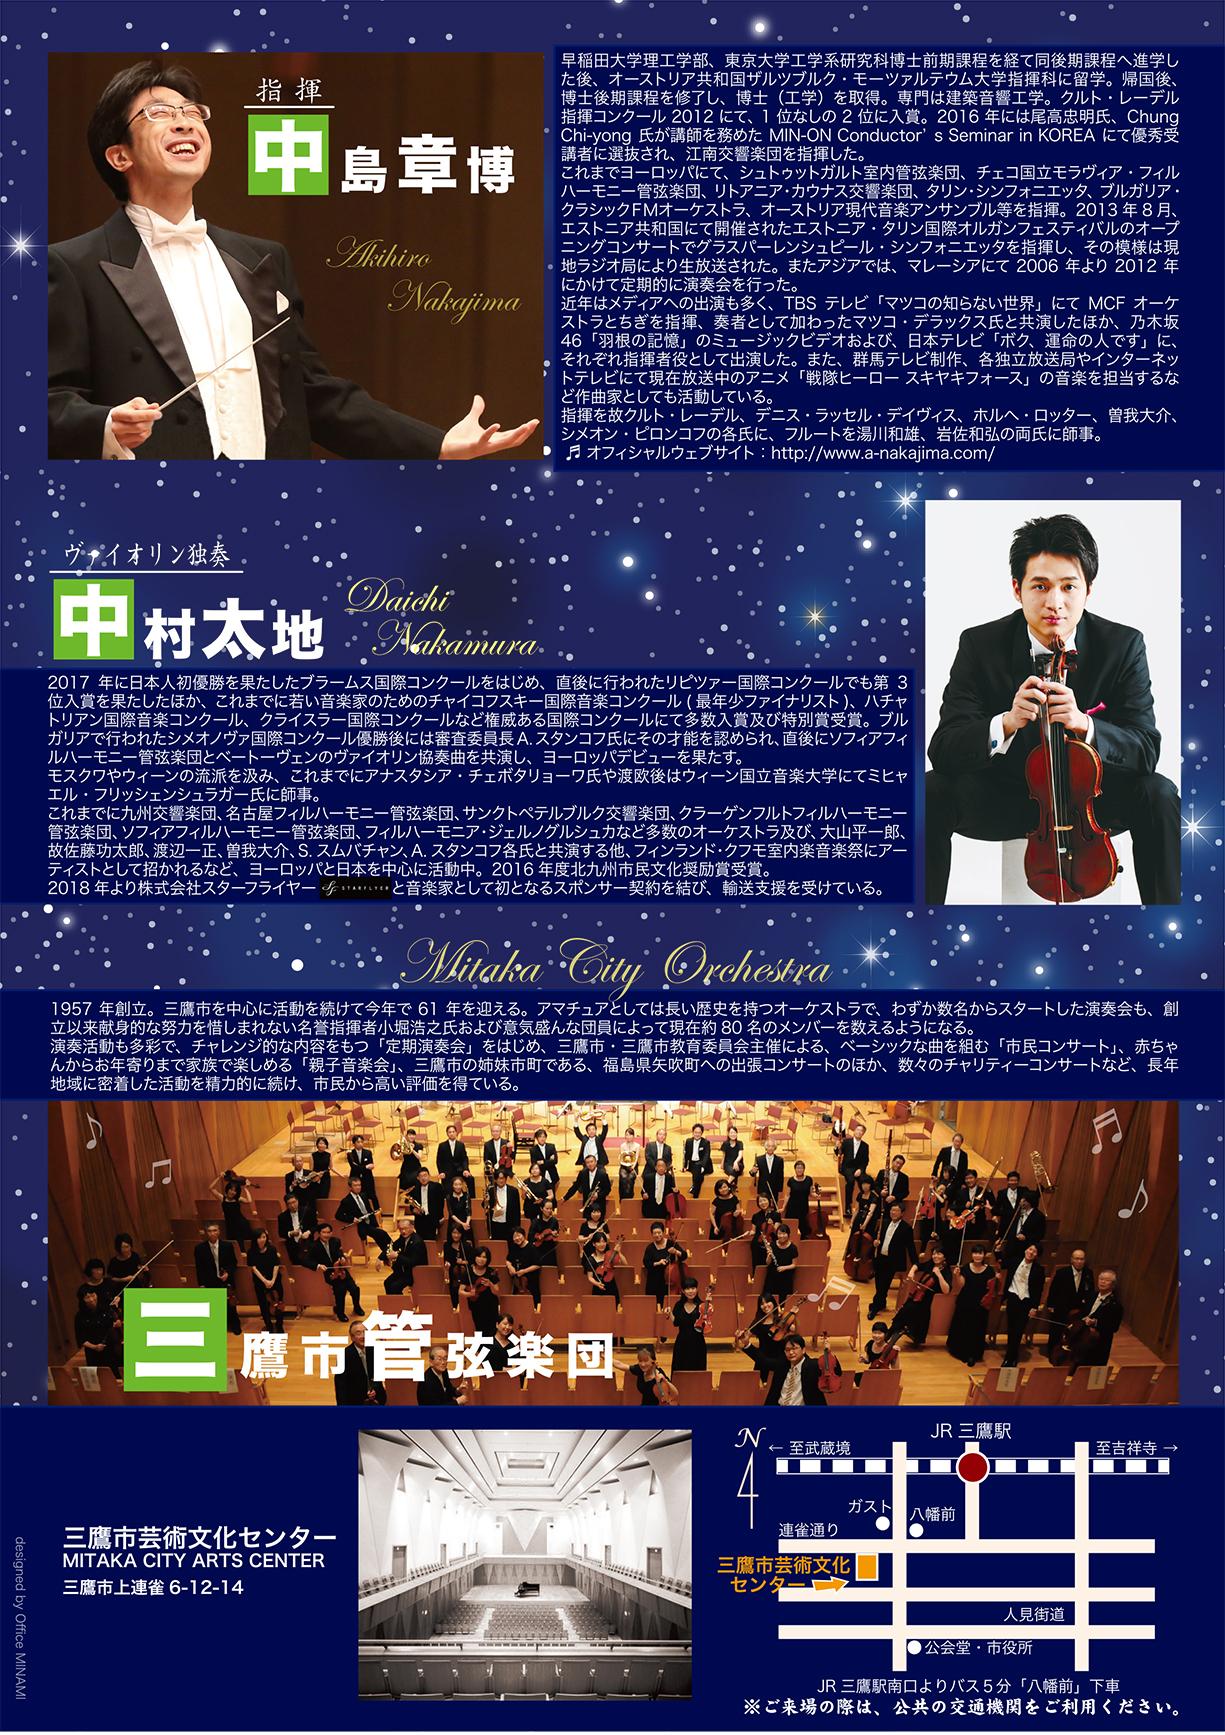 第46回三鷹市市民コンサート